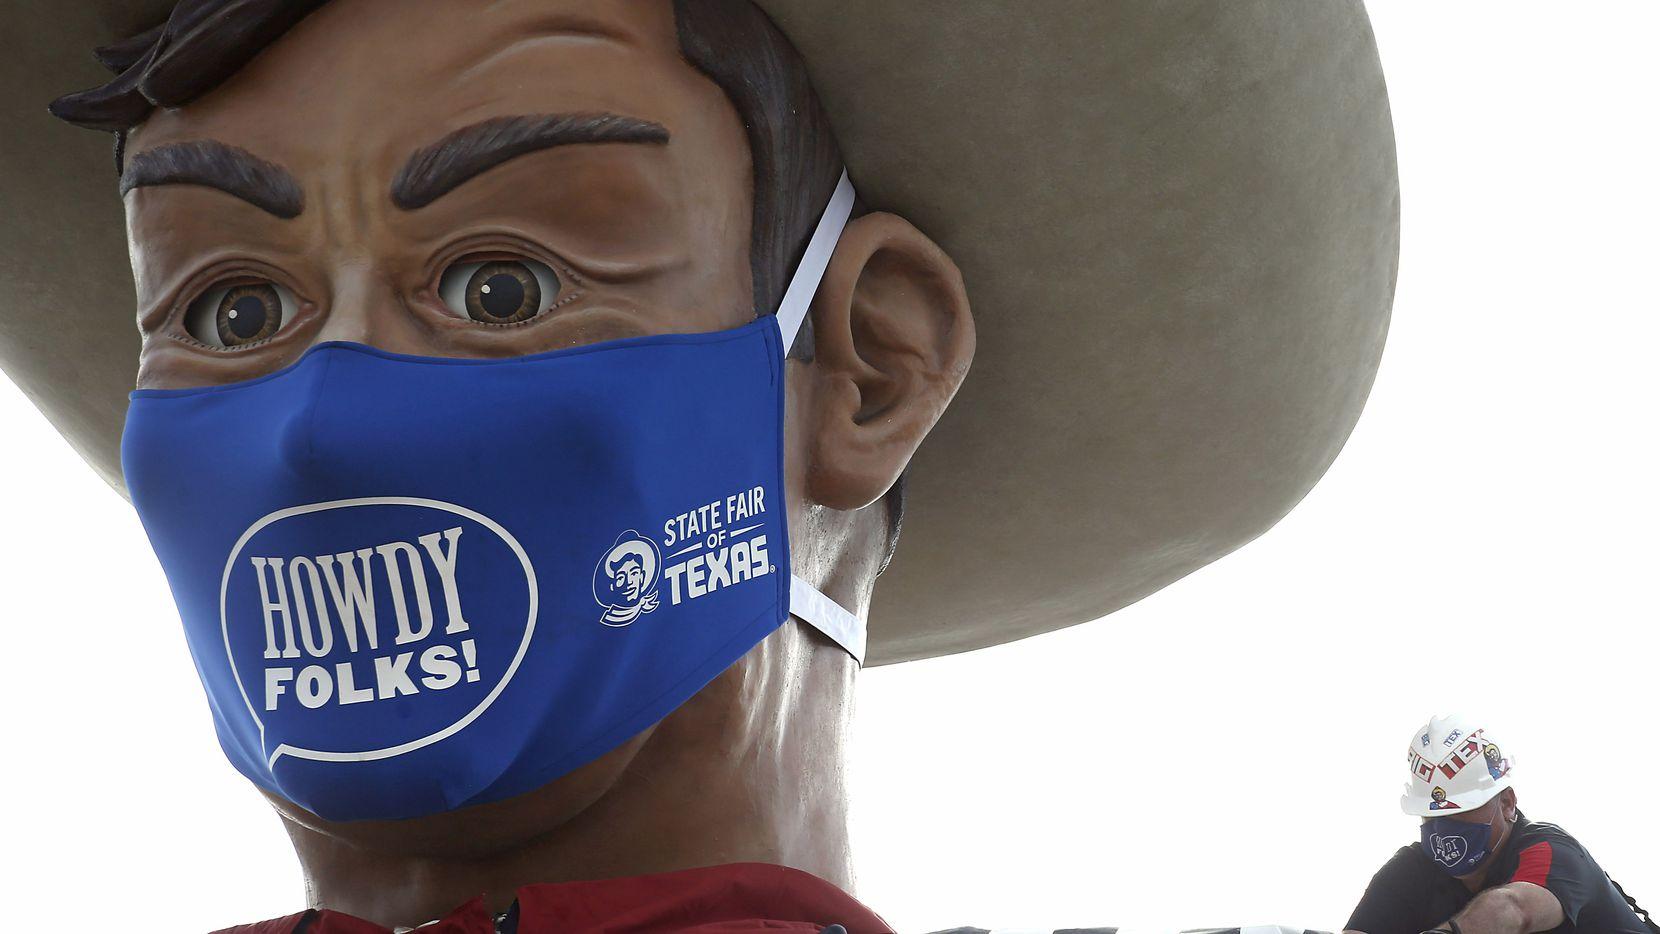 Organizadores del a Feria Estatal de Texas piden que los visitantes lleven una mascarillas con ellos este 2021. El uso no es requerido pero recomendado para personas no vacunadas en exteriores.